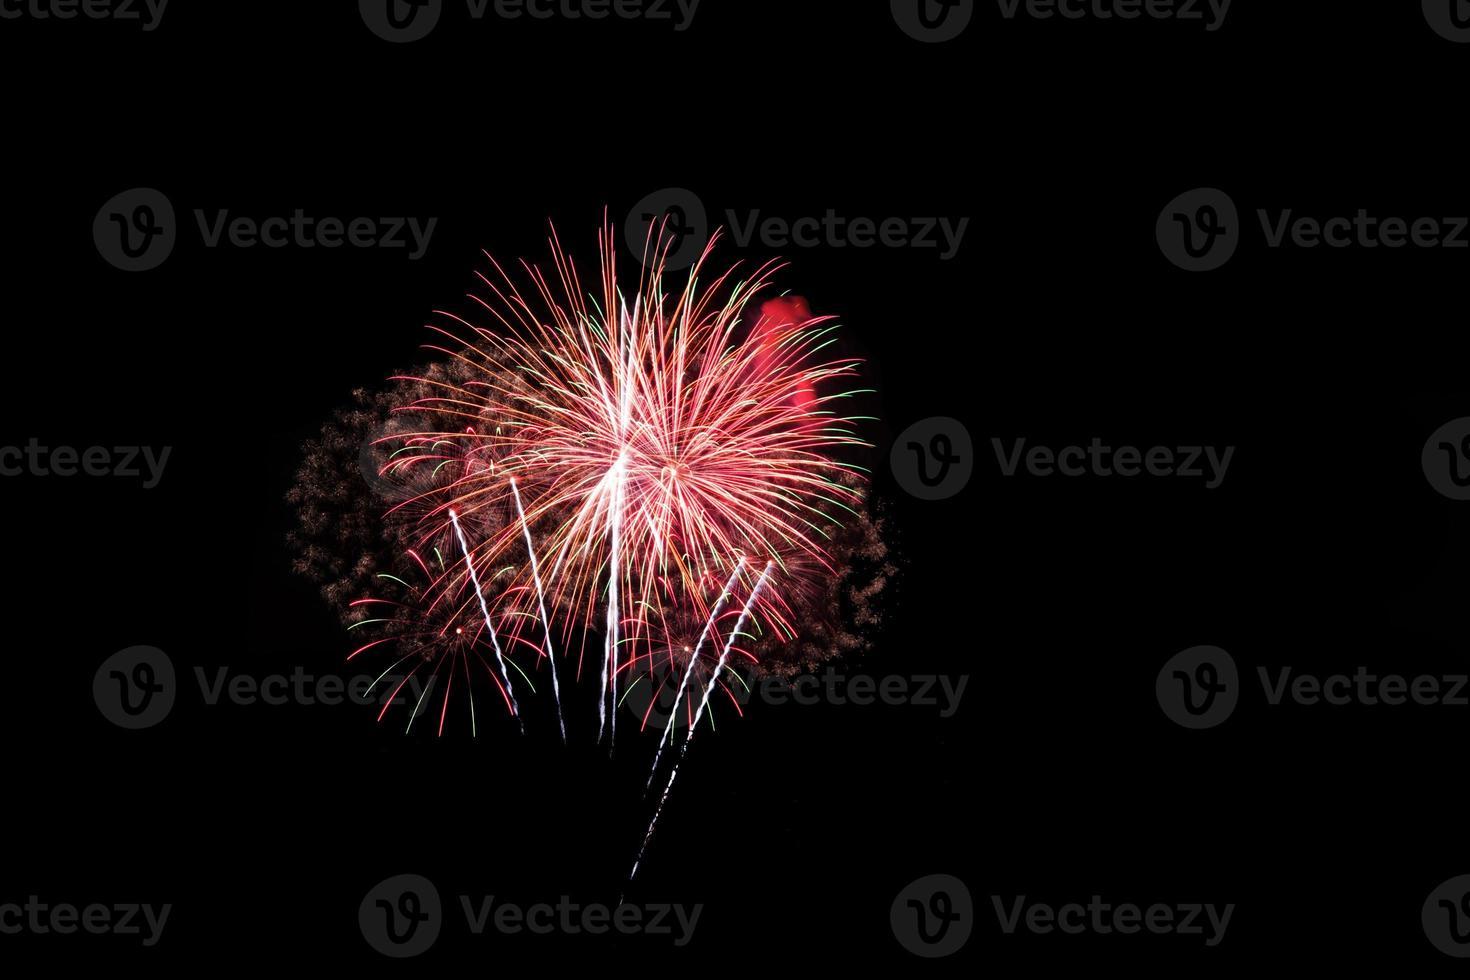 vuurwerk in de donkere hemelachtergrond foto